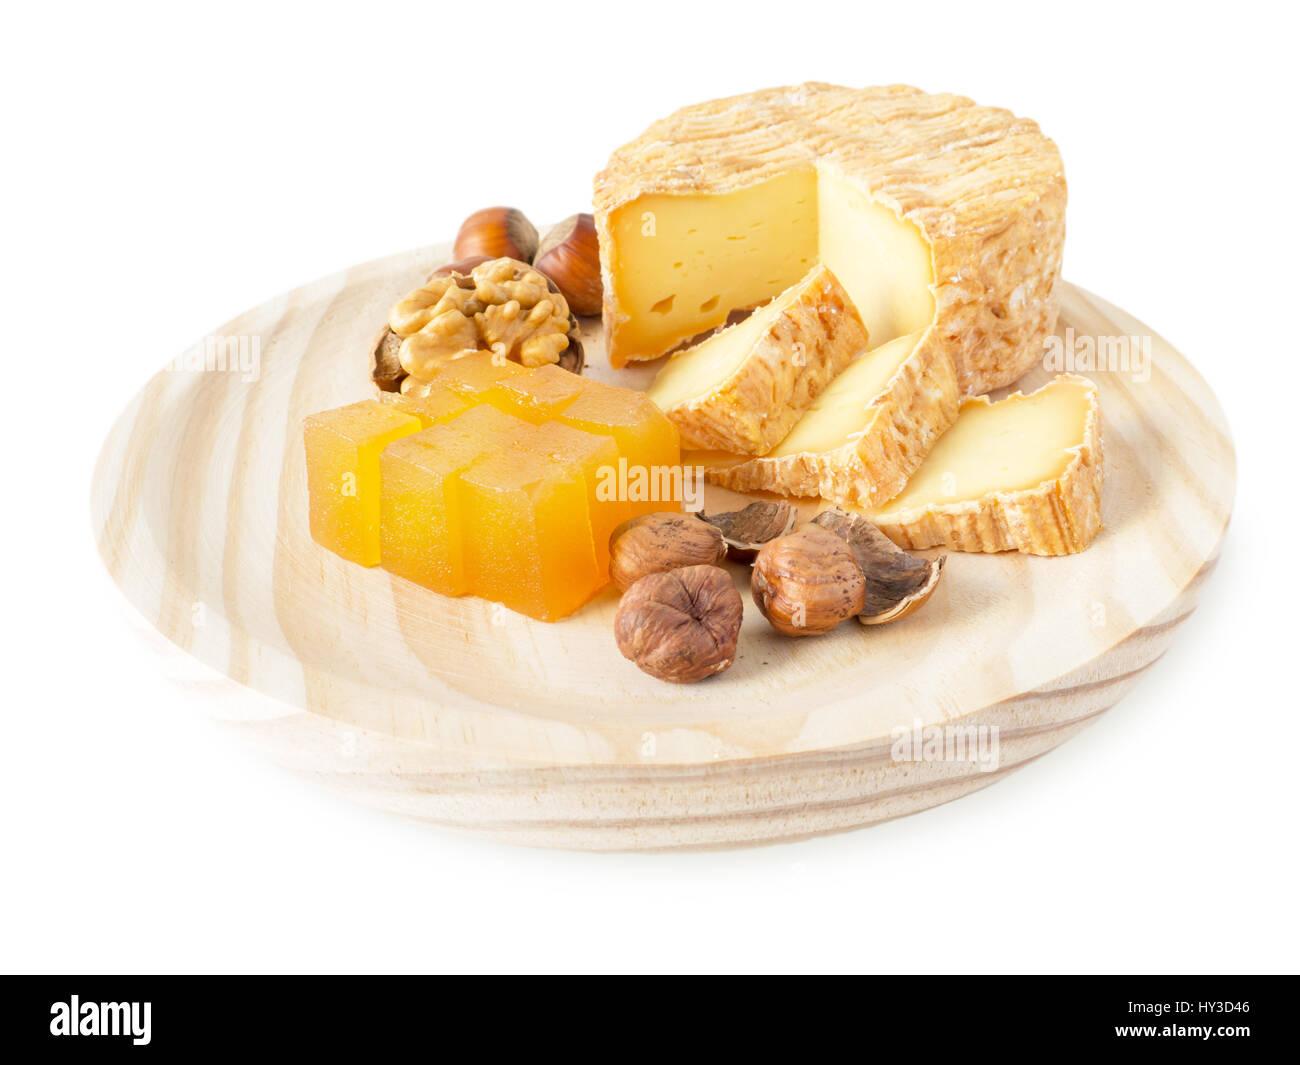 Corteza lavada suave queso, avellanas, nueces y mermelada en la textura de la placa de madera aislado en blanco Imagen De Stock